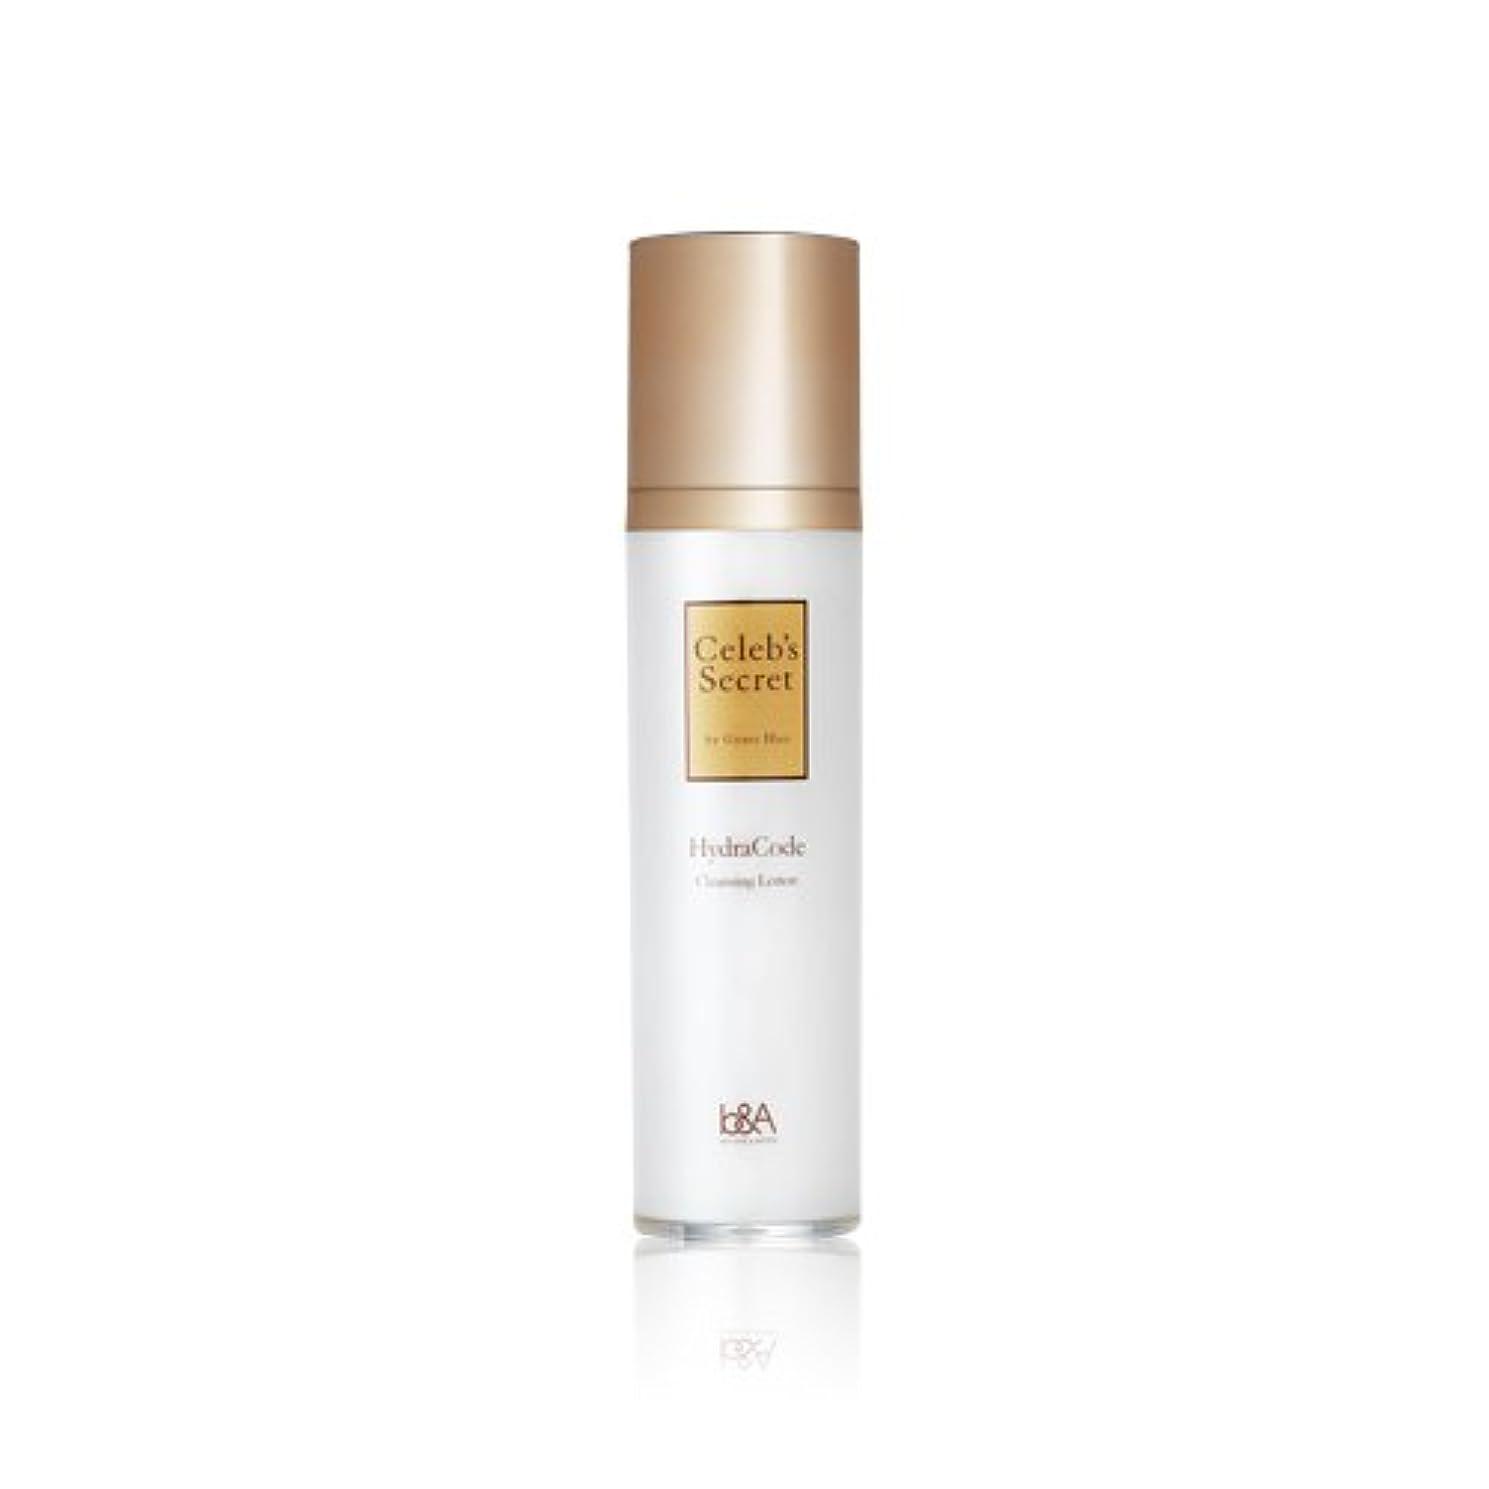 オリエント日記シャープBigBang Top [K cosmetic][K beauty] Celeb's-Secret HydraCode Cleansing Lotion 130ml